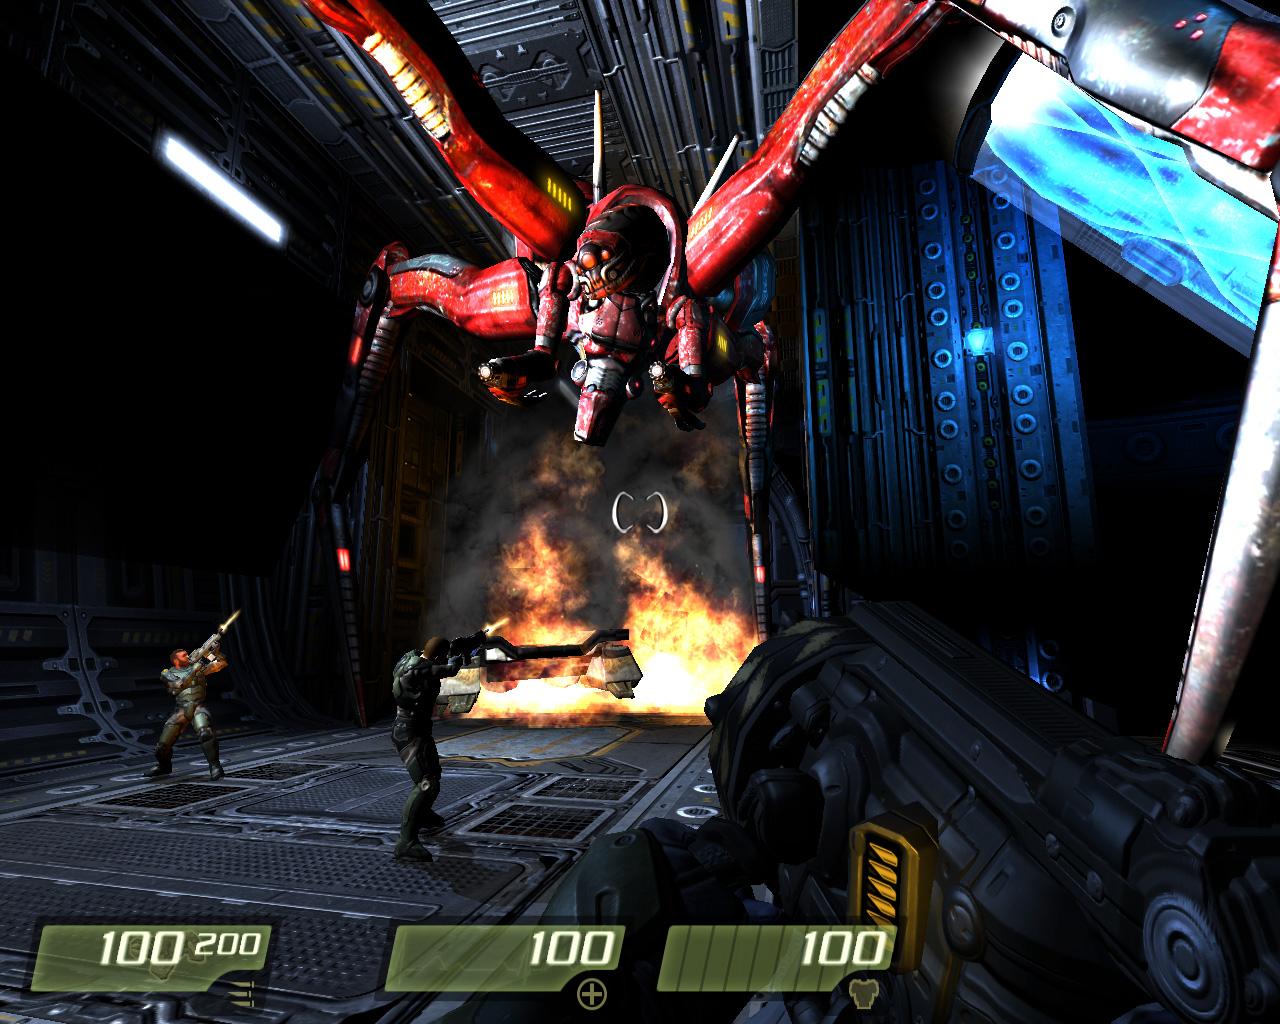 Super Adventures in Gaming: Quake 4 (PC)